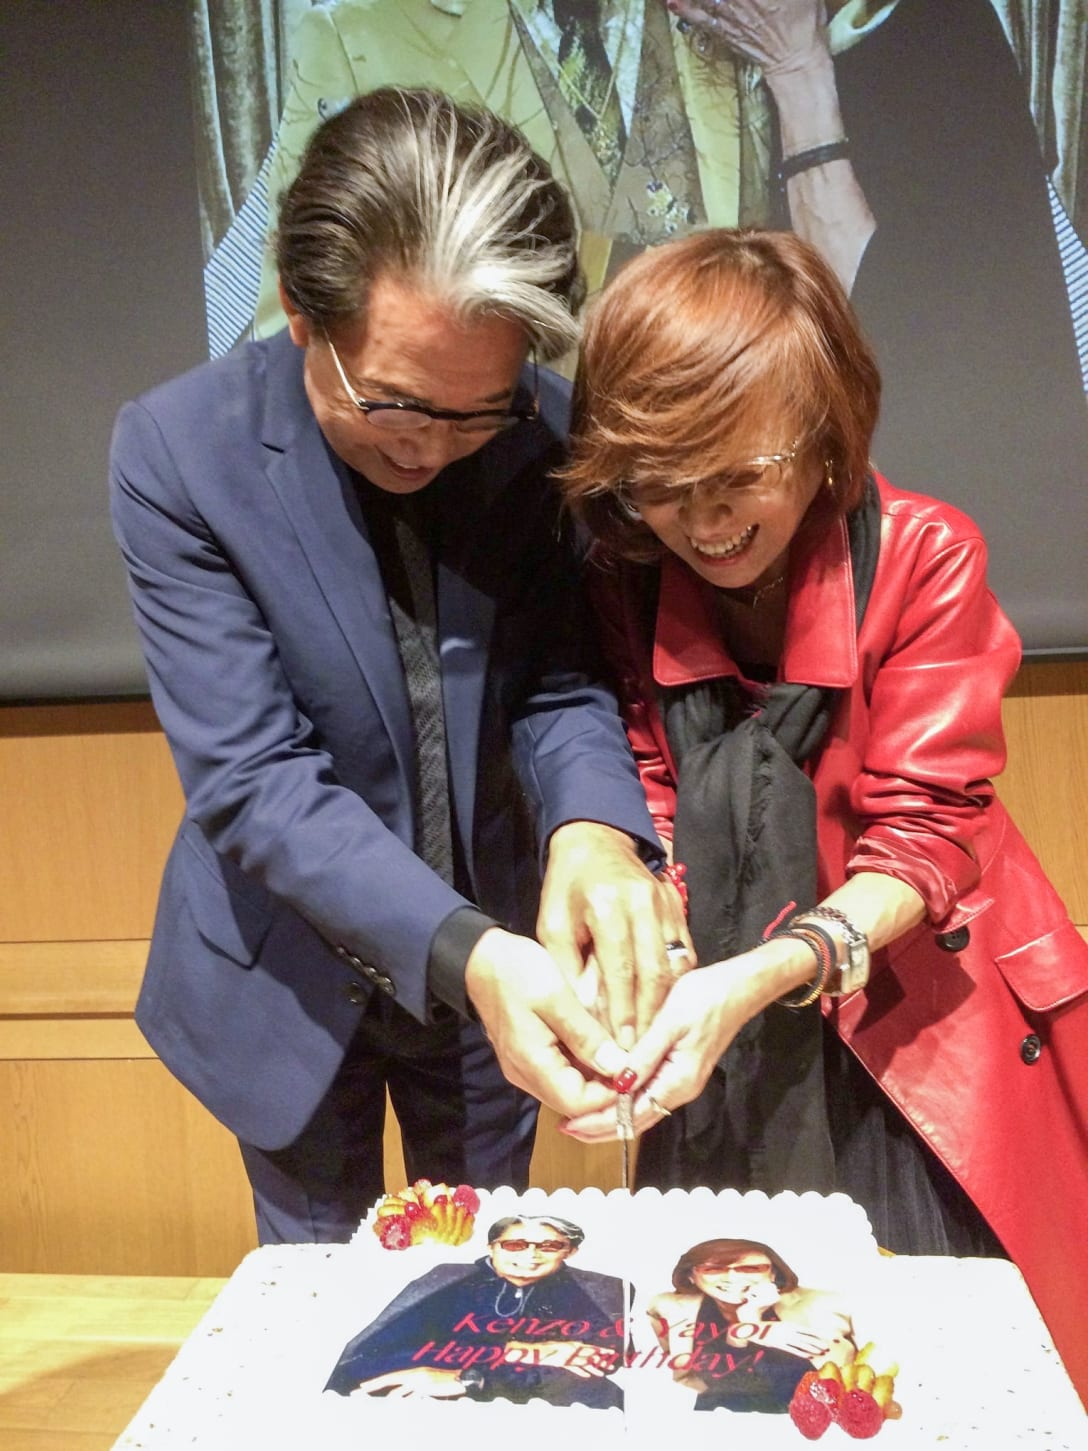 2019年10月、C'est chouette 30周年パーティーにて一緒にケーキカット(筆者提供)